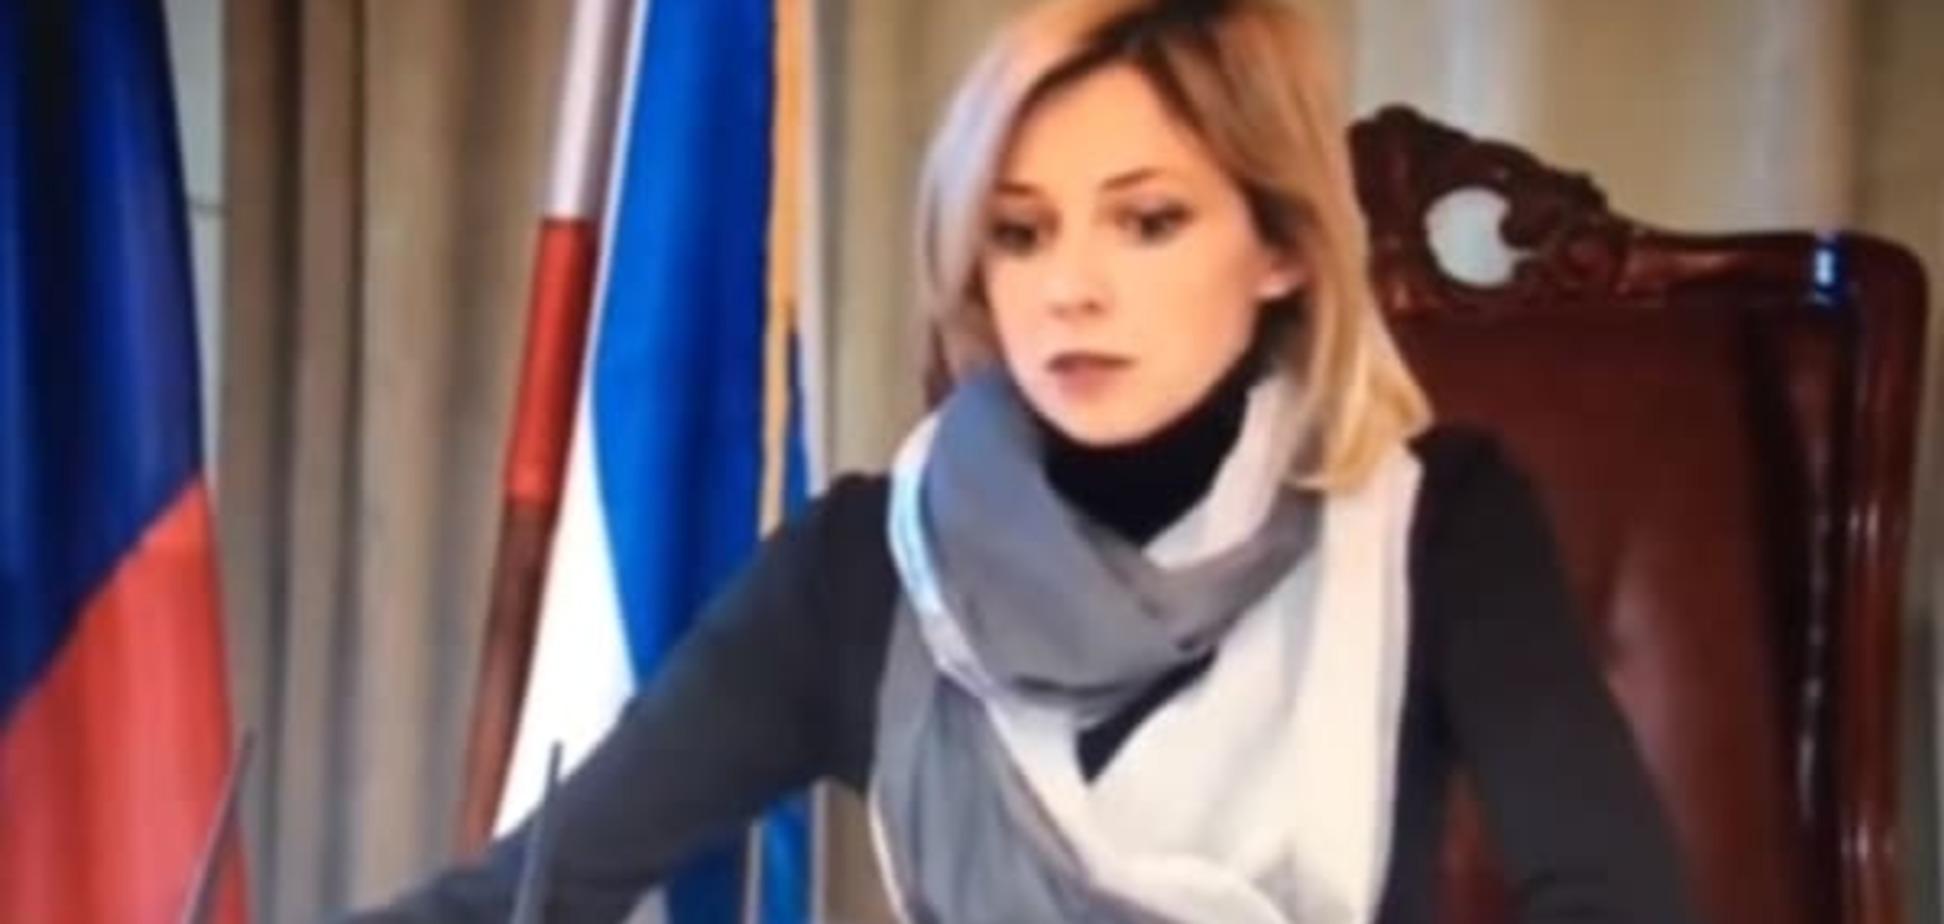 Поклонська заявила, що українці і росіяни - 'однієї багатонаціональної російської нації'